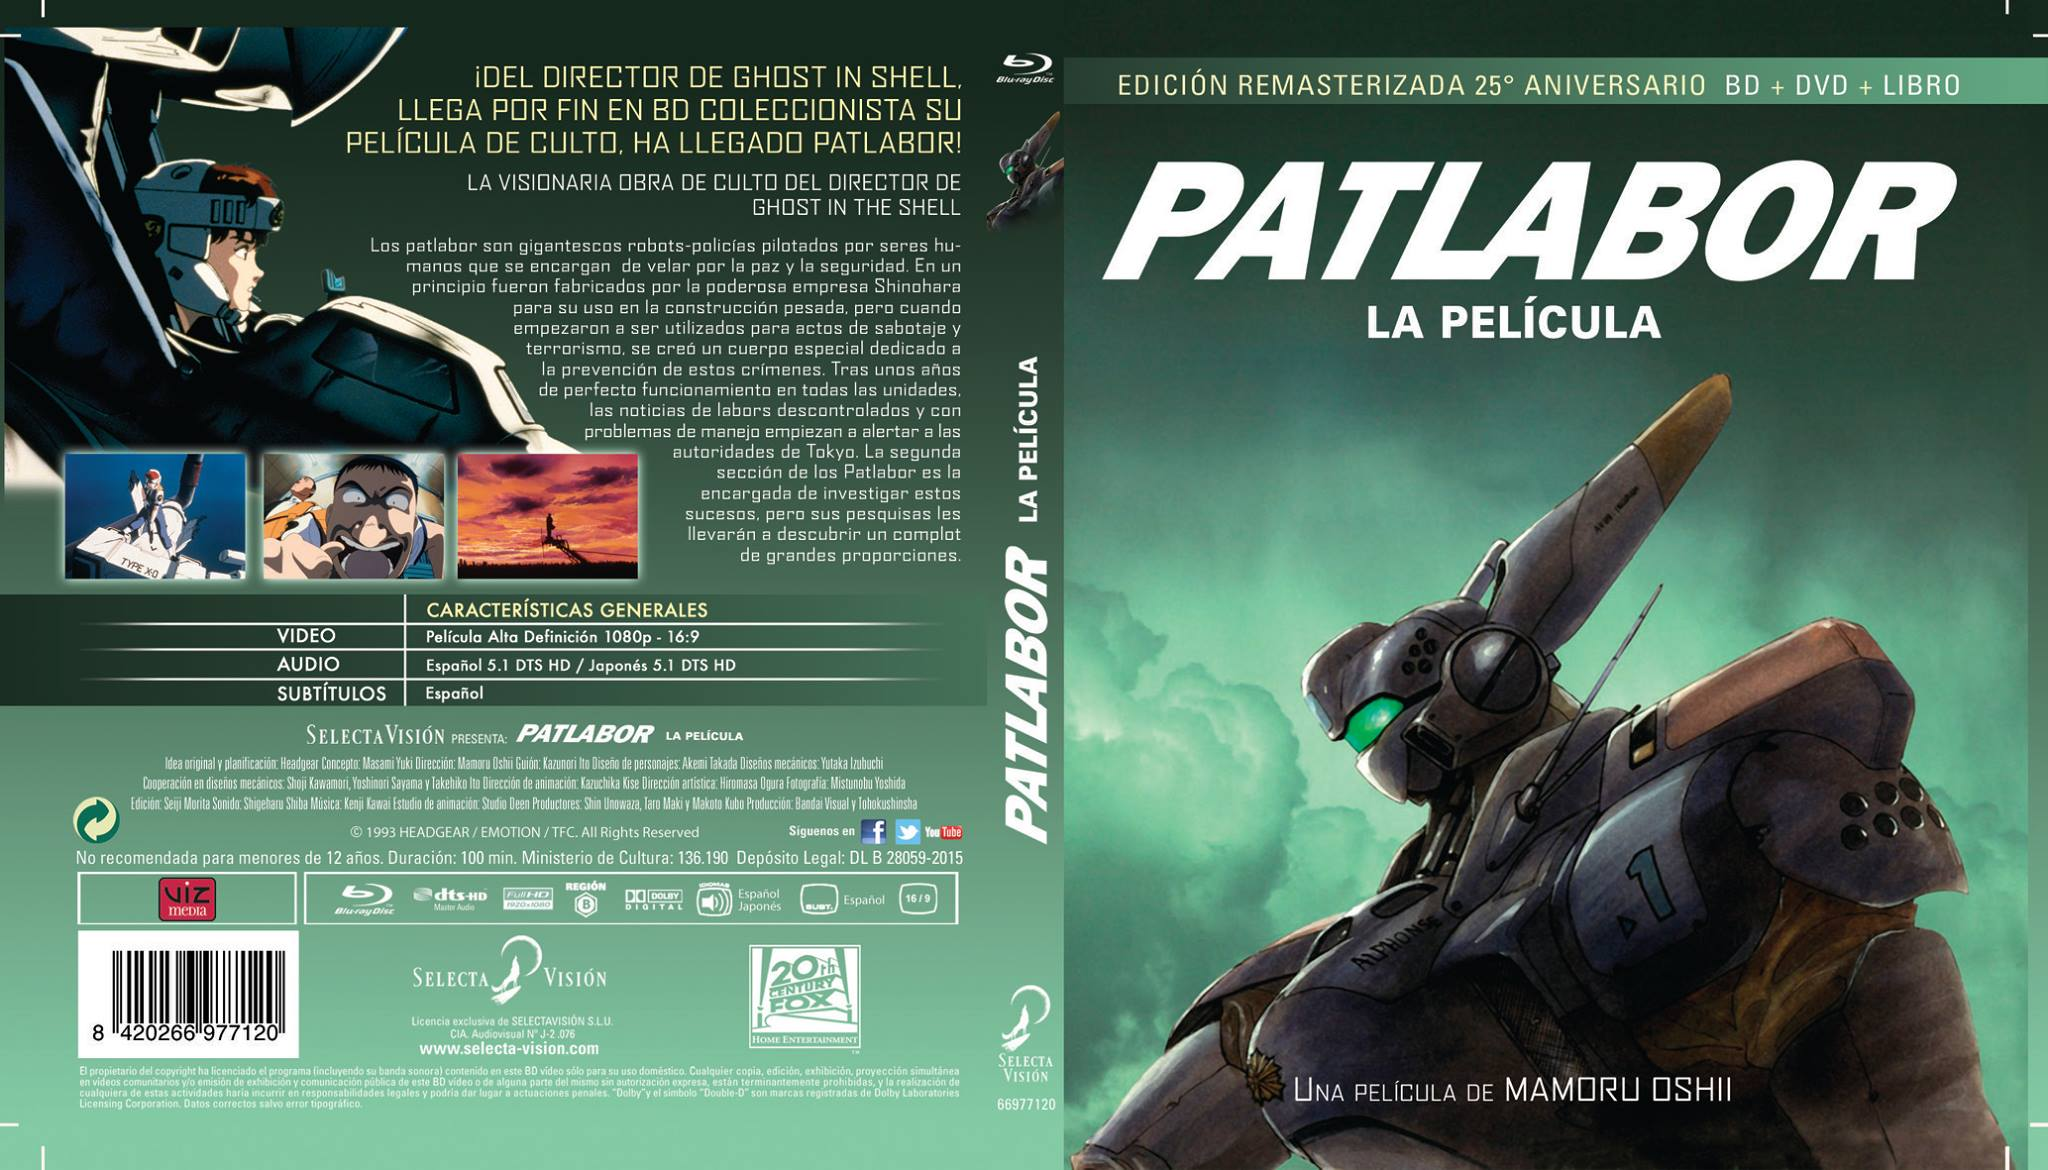 Patlabor remaster Selecta Ed coleccionista